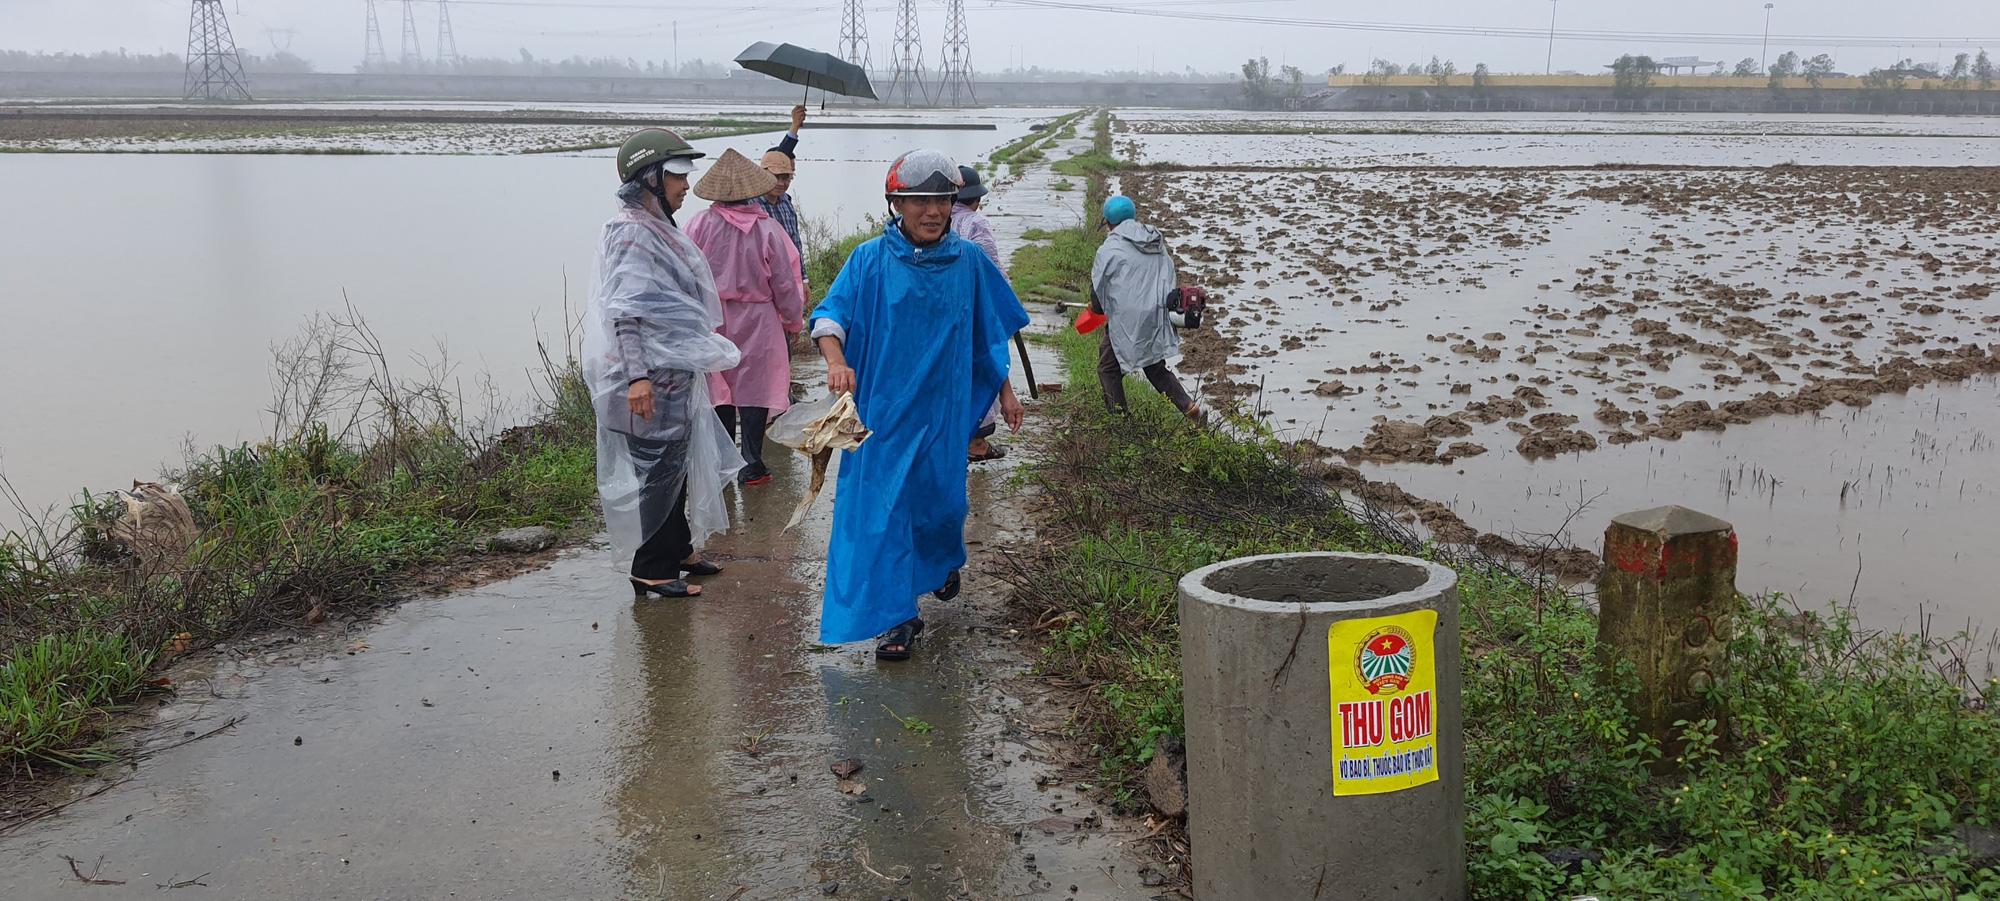 Hội Nông dân Đà Nẵng ra quân dọn vệ sinh đồng ruộng và hỗ trợ nông dân sản xuất sau bão lũ - Ảnh 4.